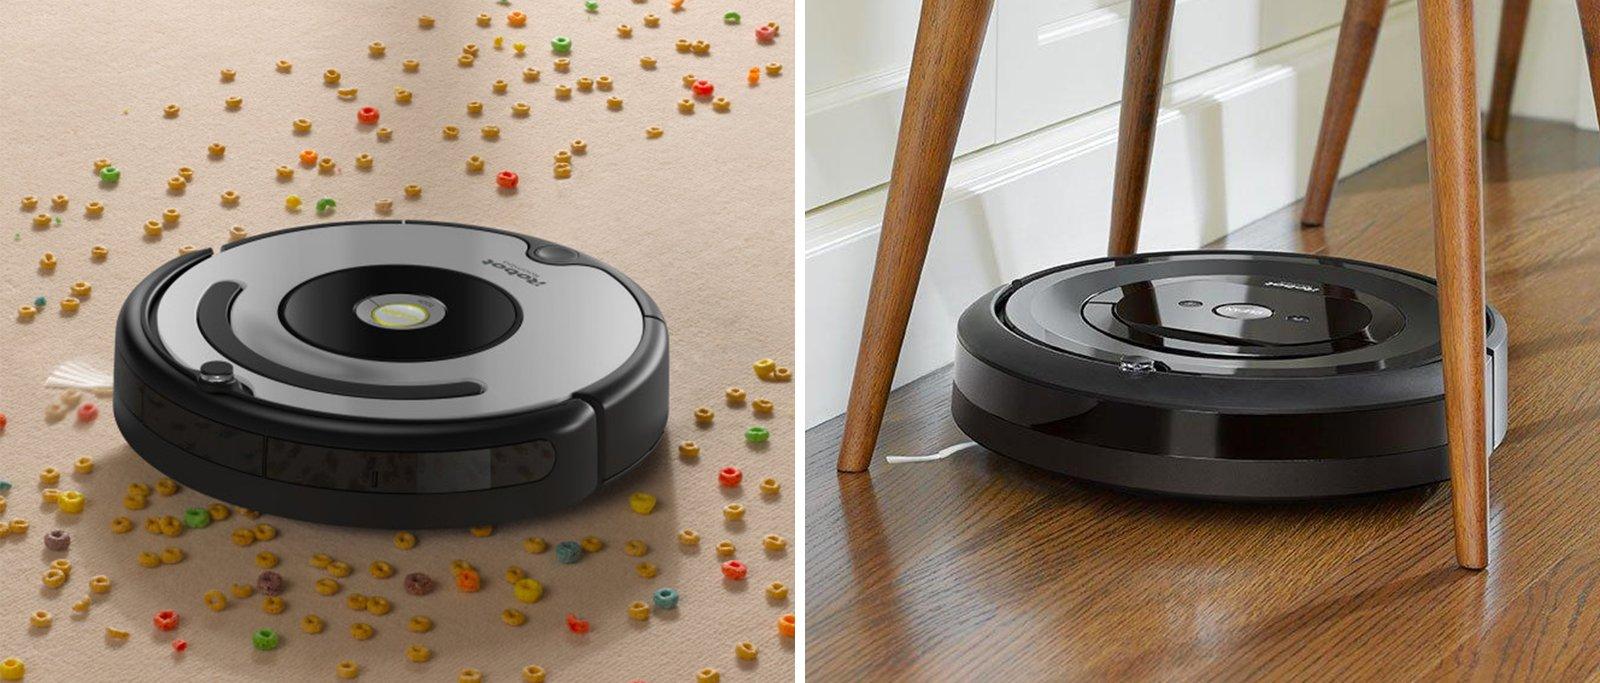 Roomba 677 vs e5 Comparison